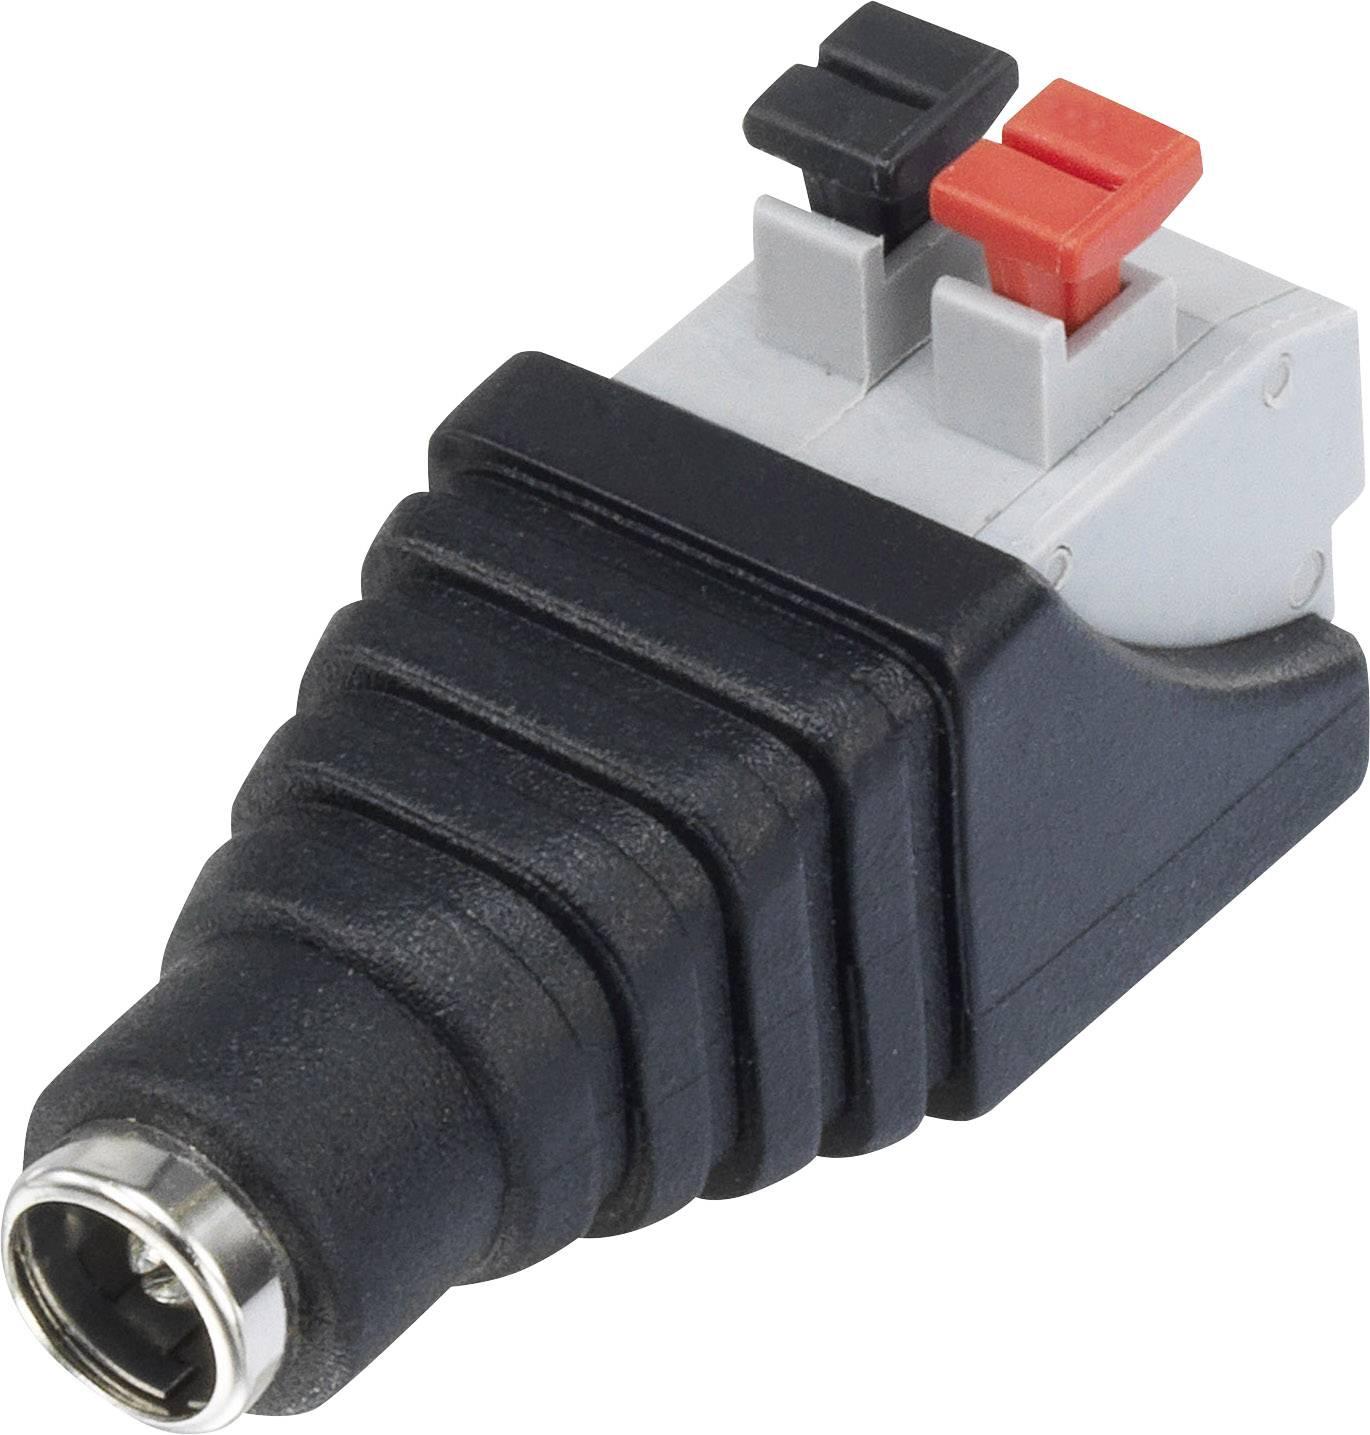 Nízkonapäťový konektor zásuvka, rovná Conrad Components QT-DC2.1F, 5.5 mm, 5.5 mm, 2.1 mm, 1 ks